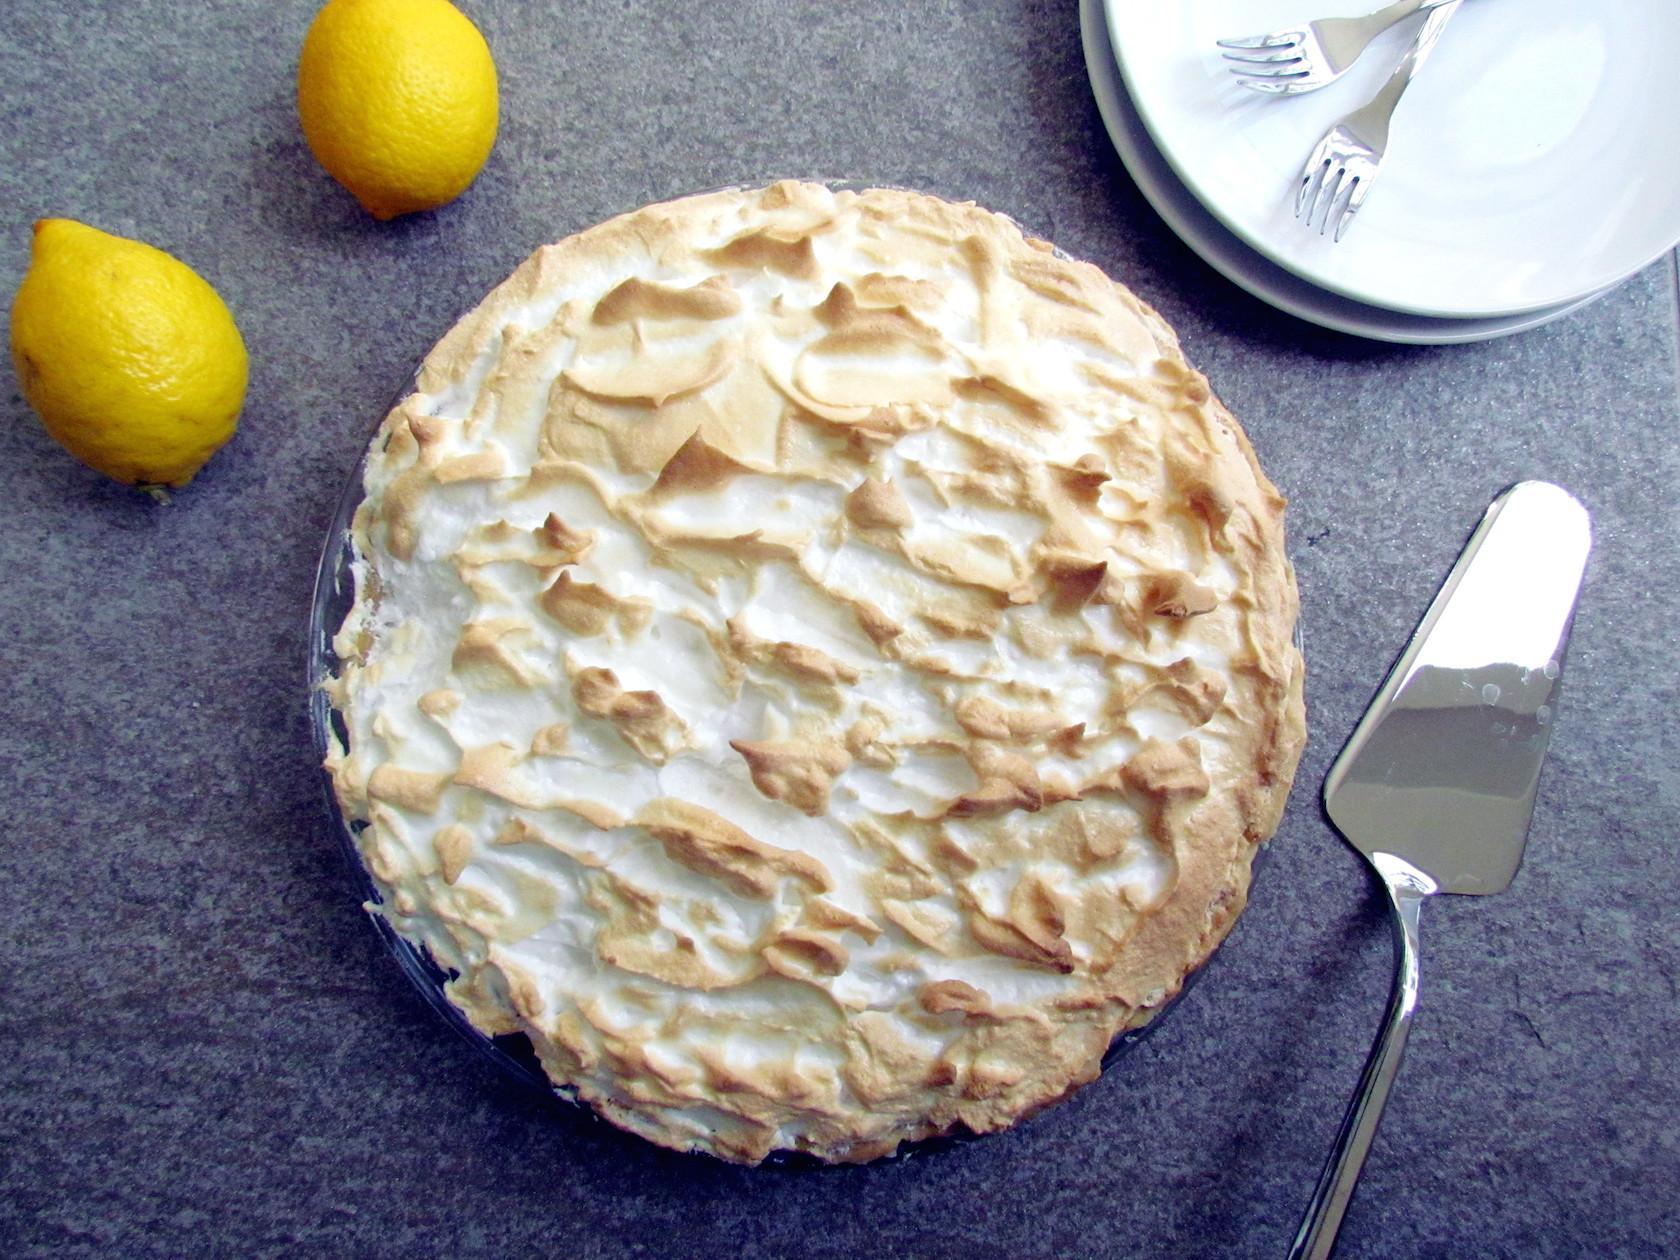 tarte au citron meringuée | www.savormania.com